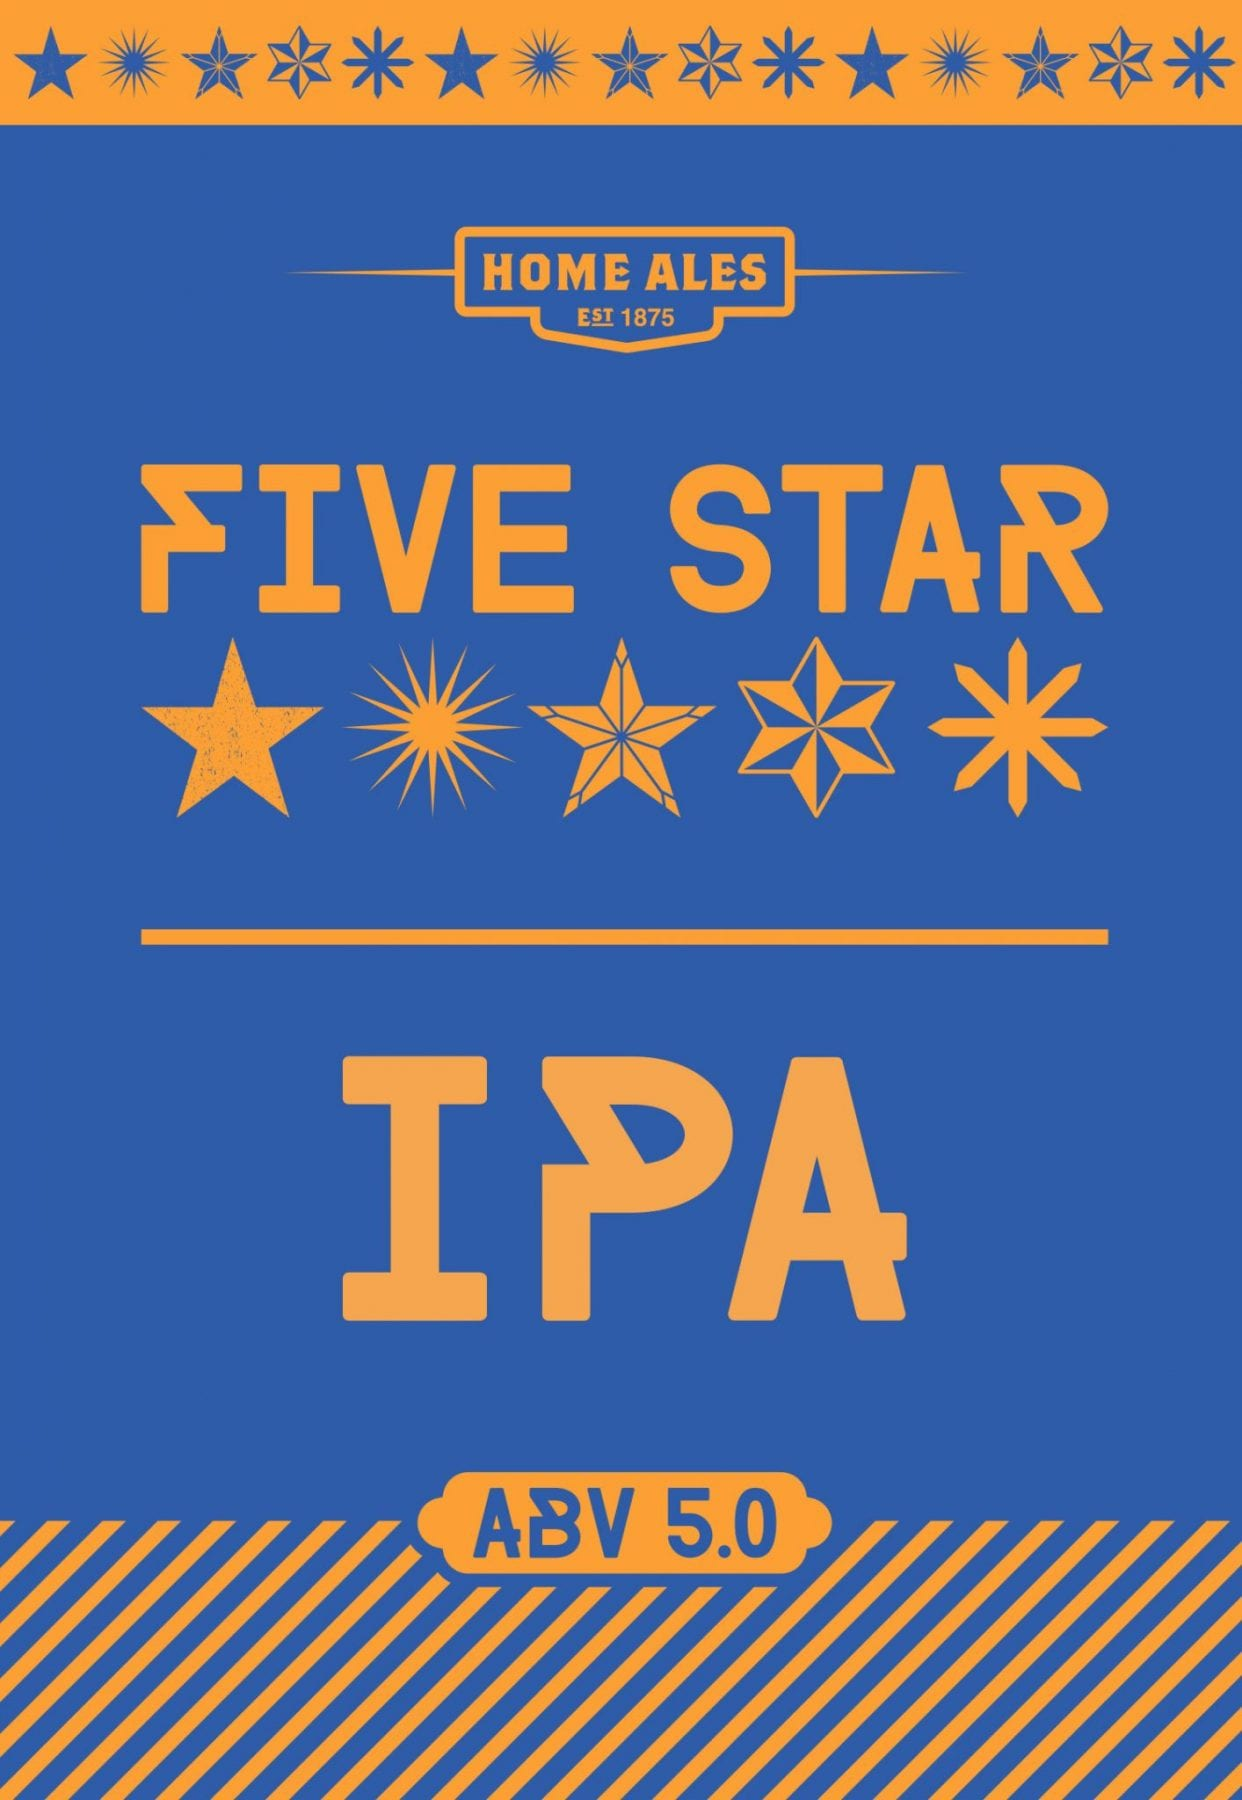 Design for Five Star IPA pump clip designed by branding designer and graphic designer Jessica Croome of Perth, WA